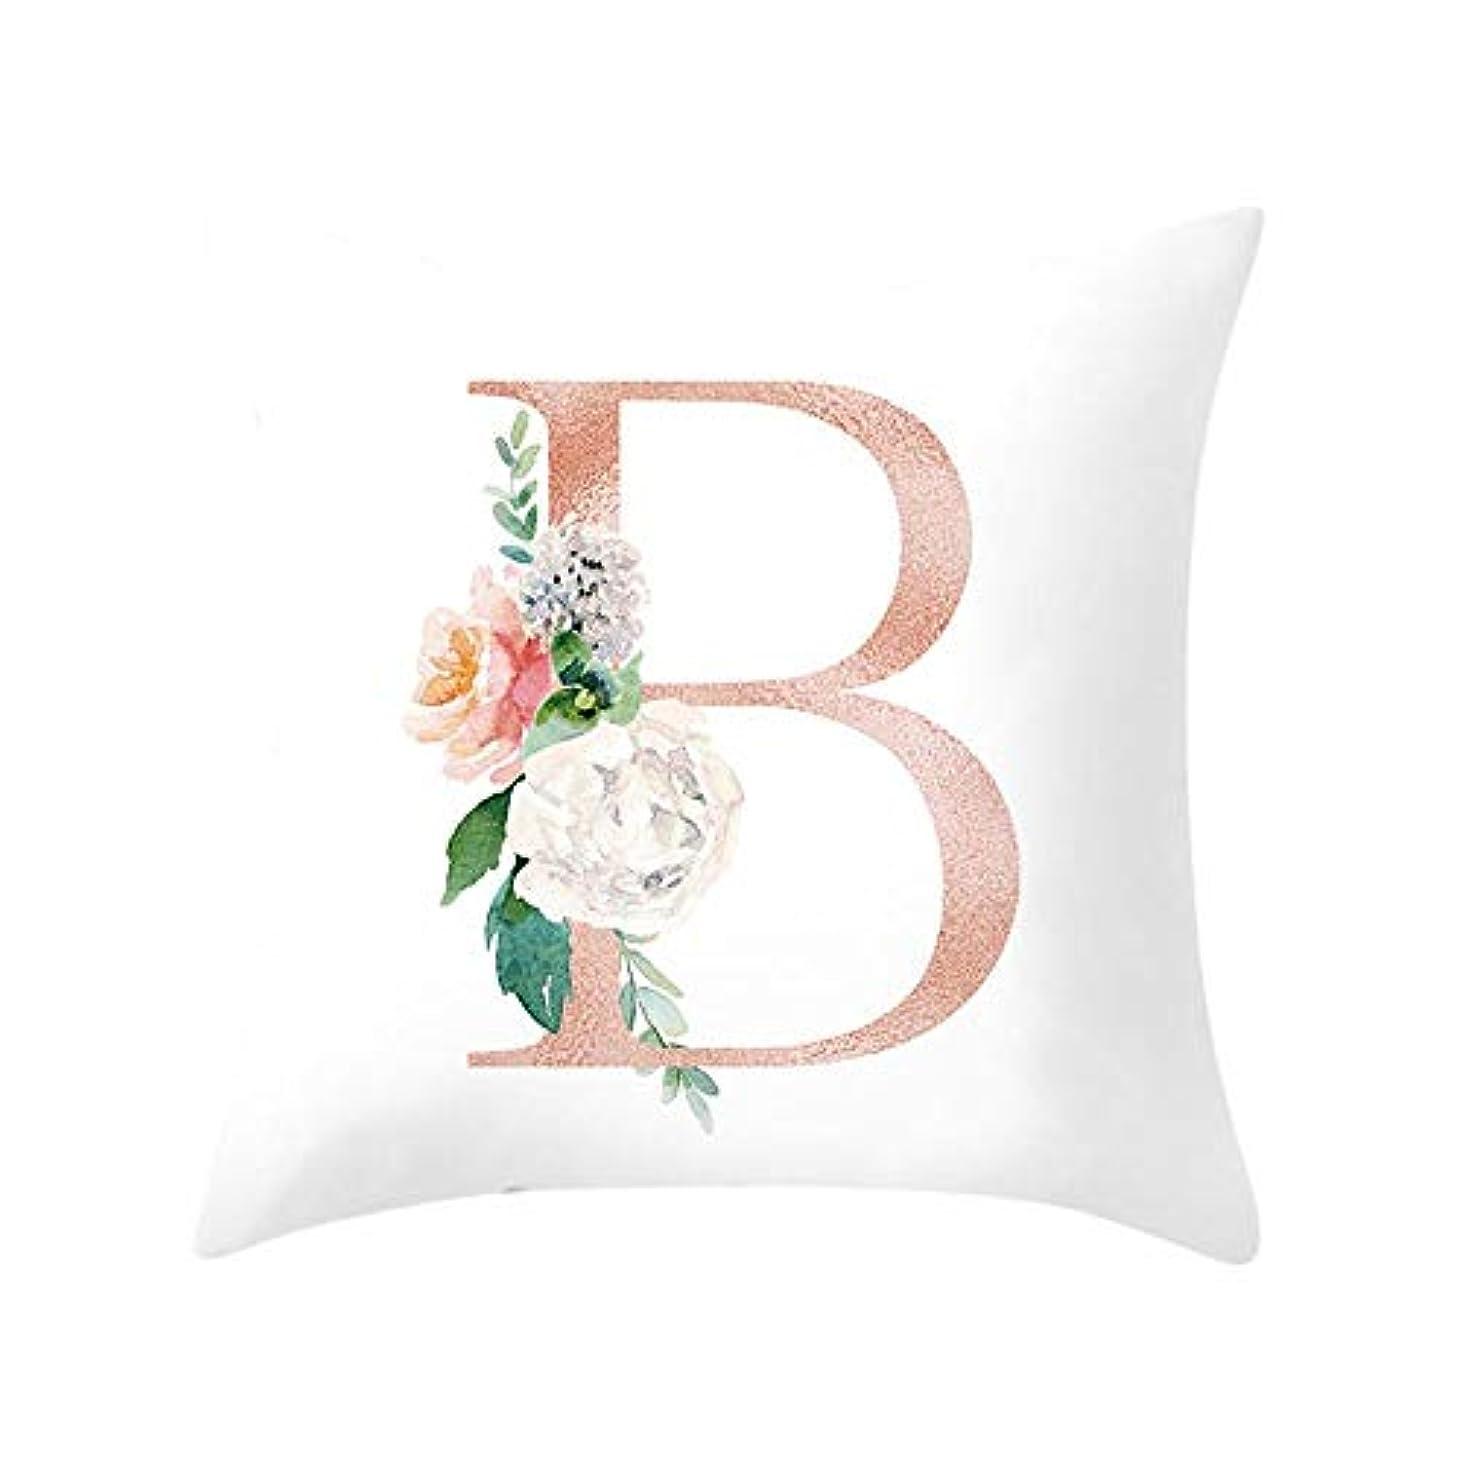 バングラデシュ近傍おとうさんLIFE 装飾クッションソファ手紙枕アルファベットクッション印刷ソファ家の装飾の花枕 coussin decoratif クッション 椅子